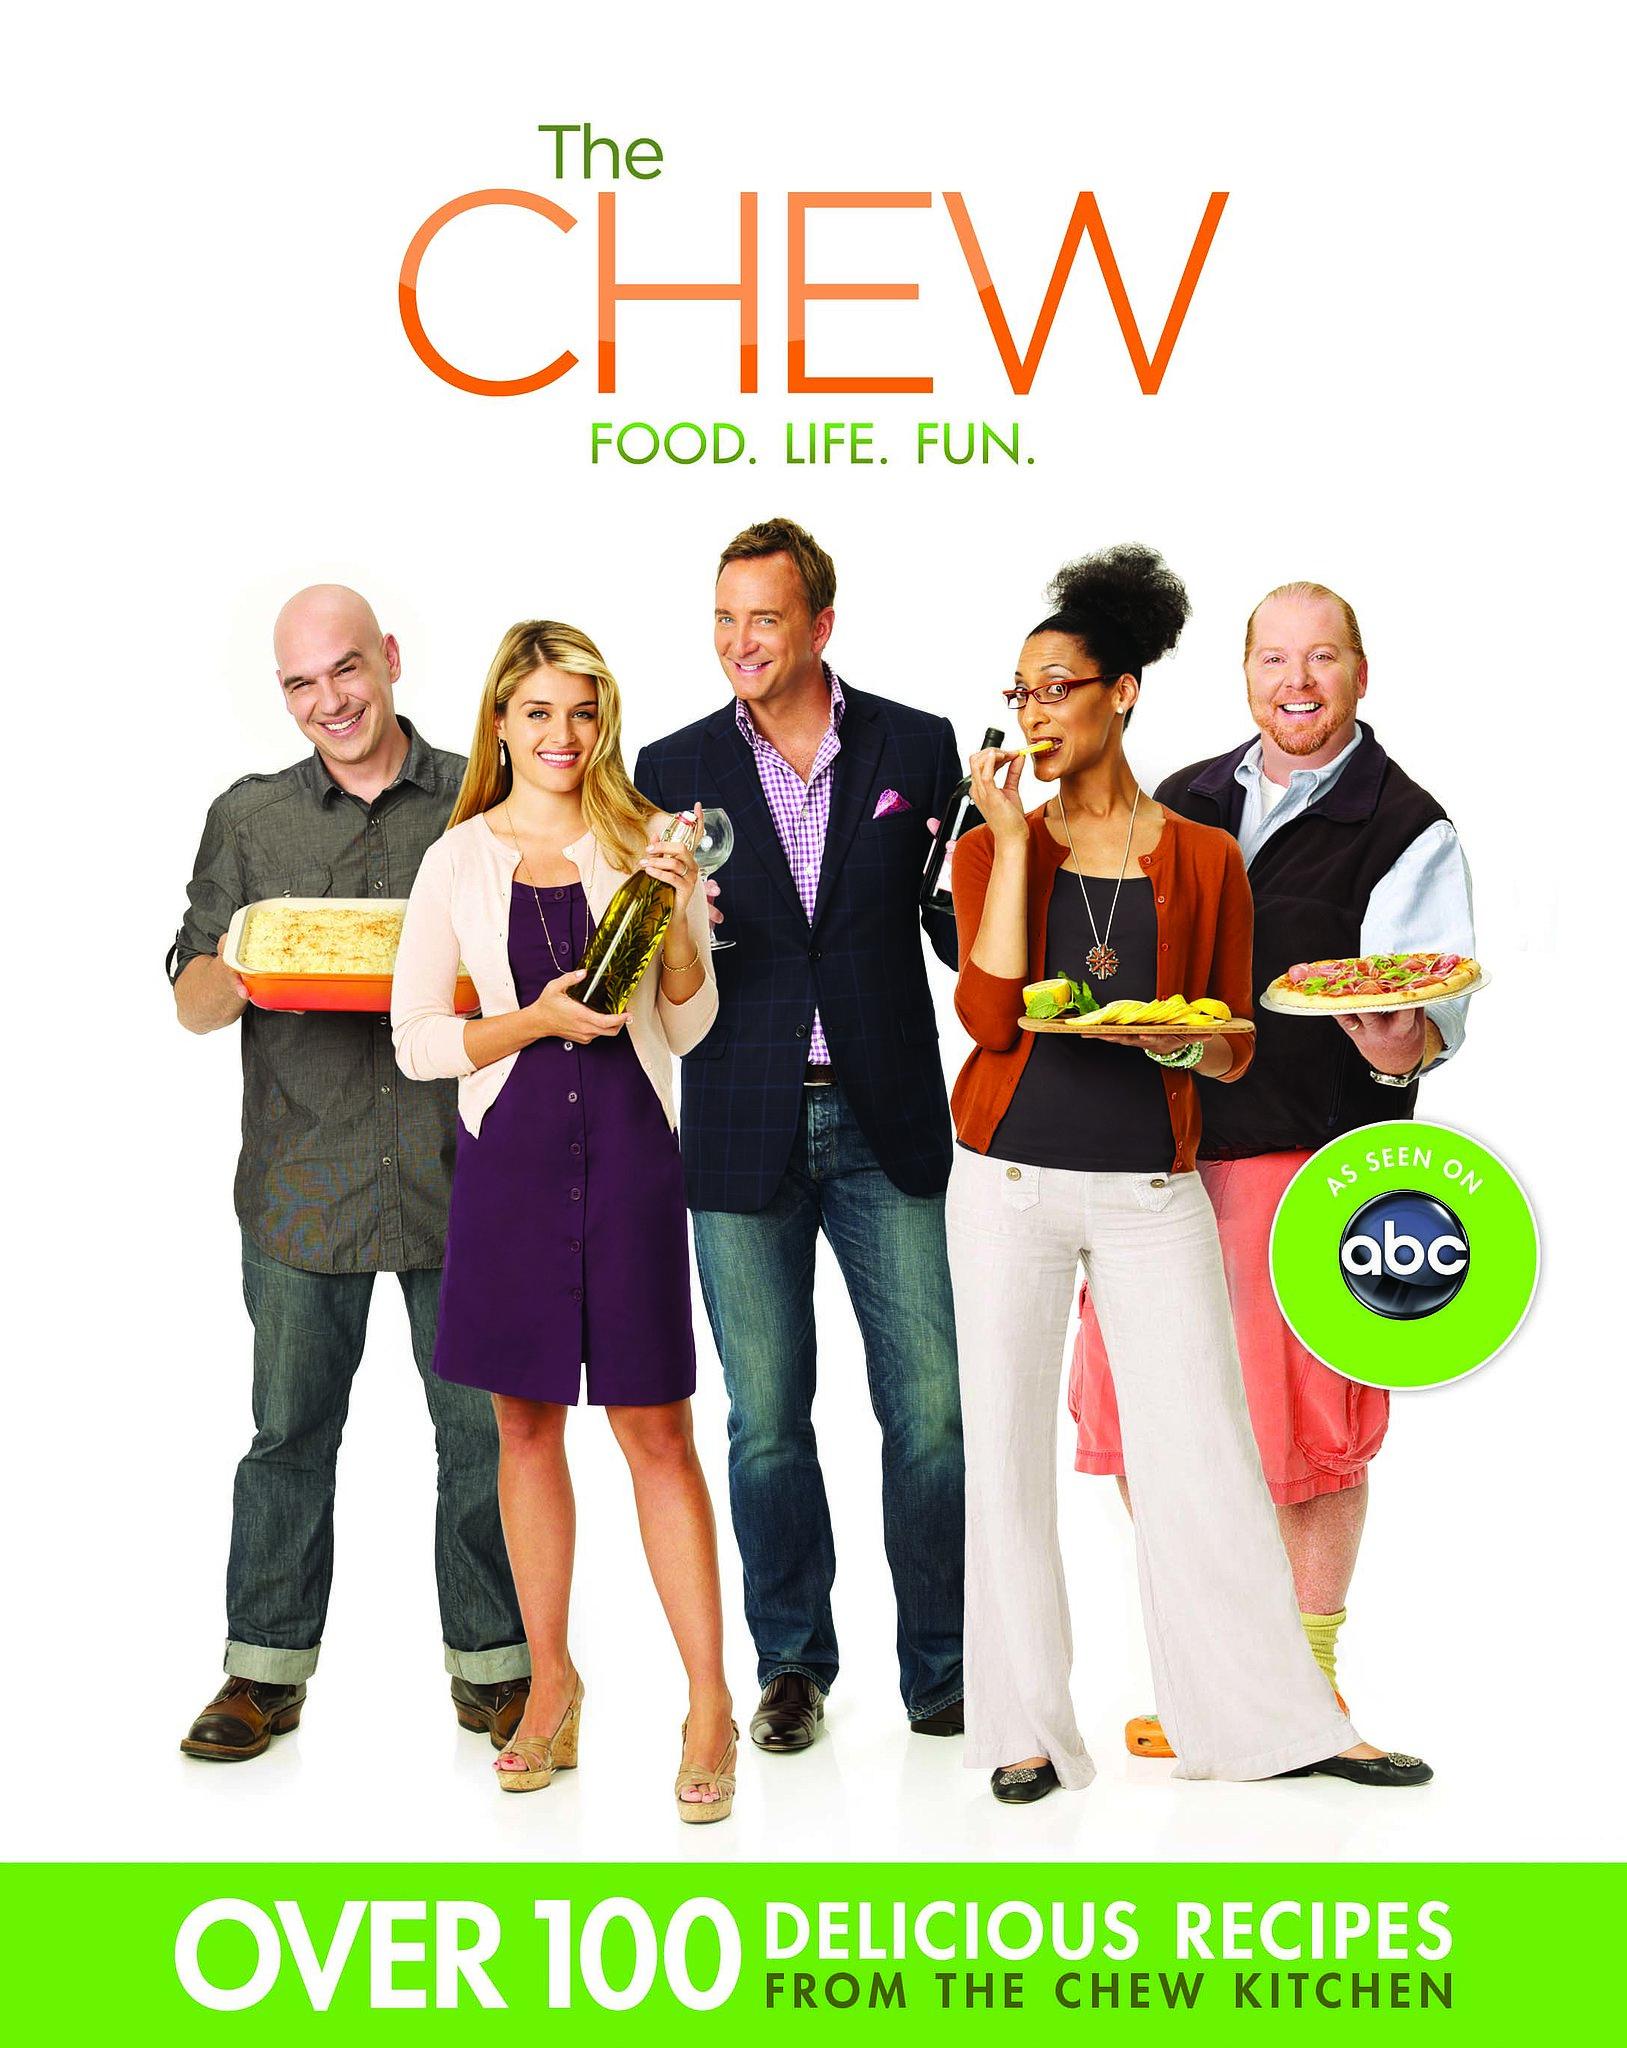 The Chew: Food. Life. Fun.